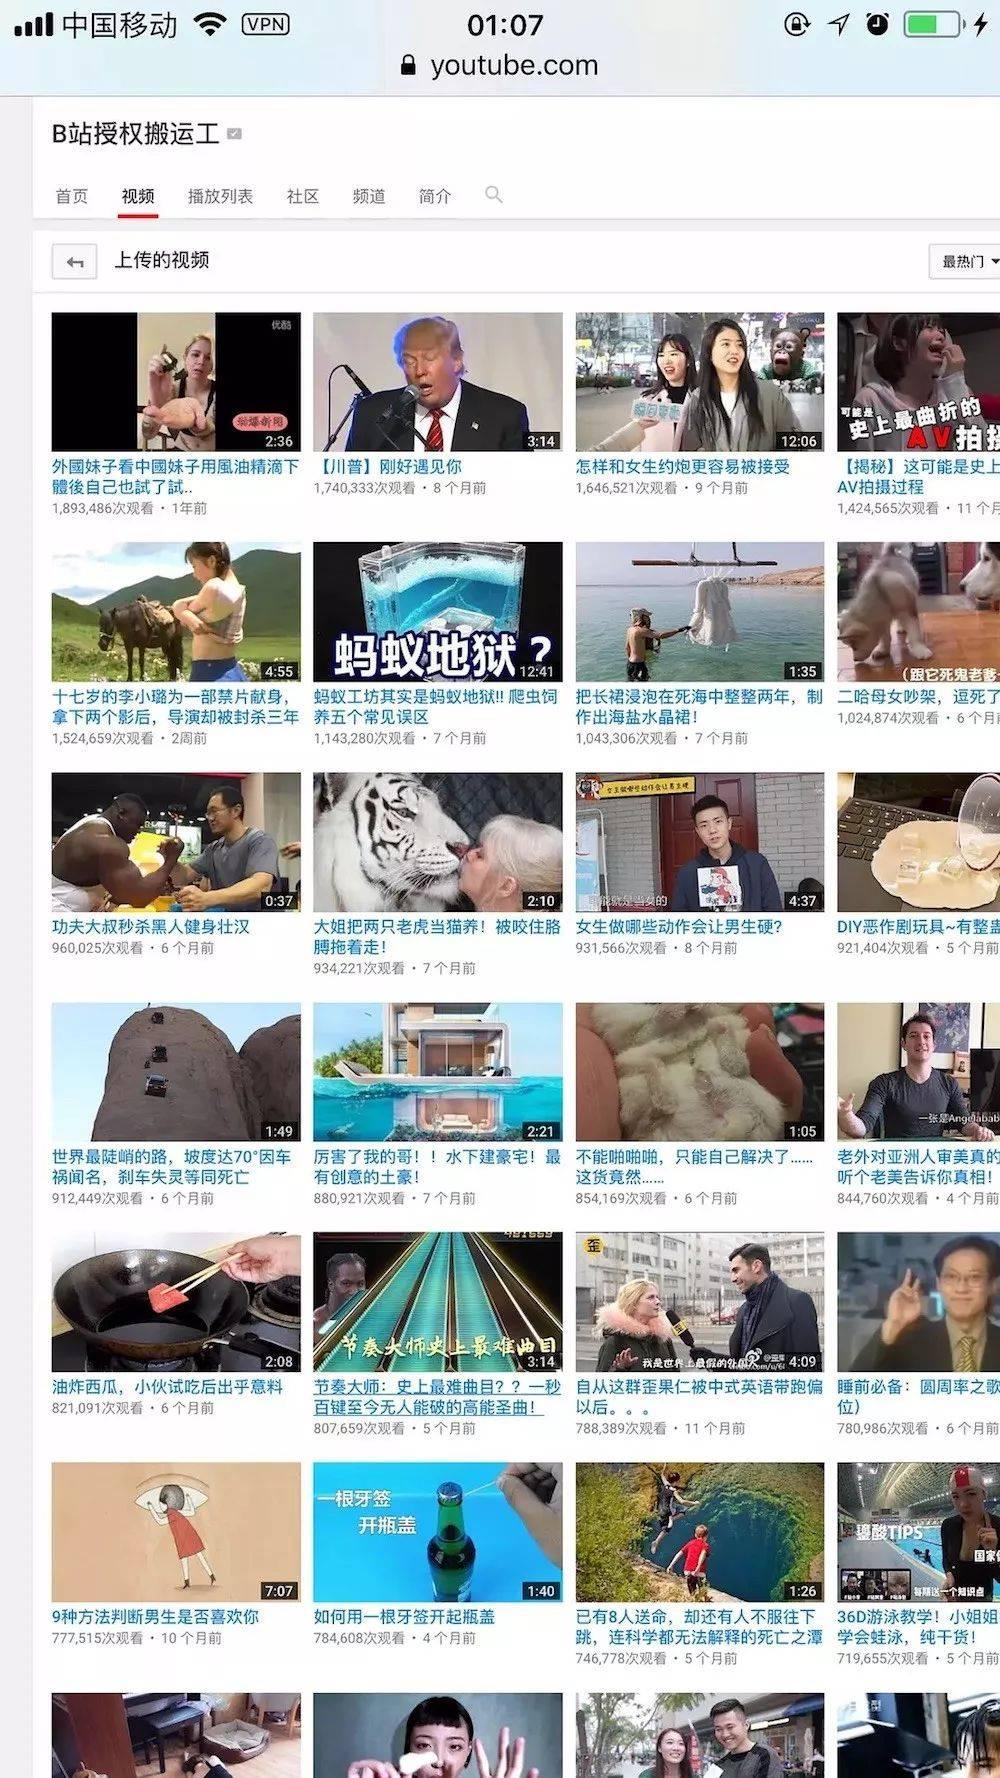 鸟哥笔记,行业动态,蒋鸿昌,行业动态,运营模式,短视频